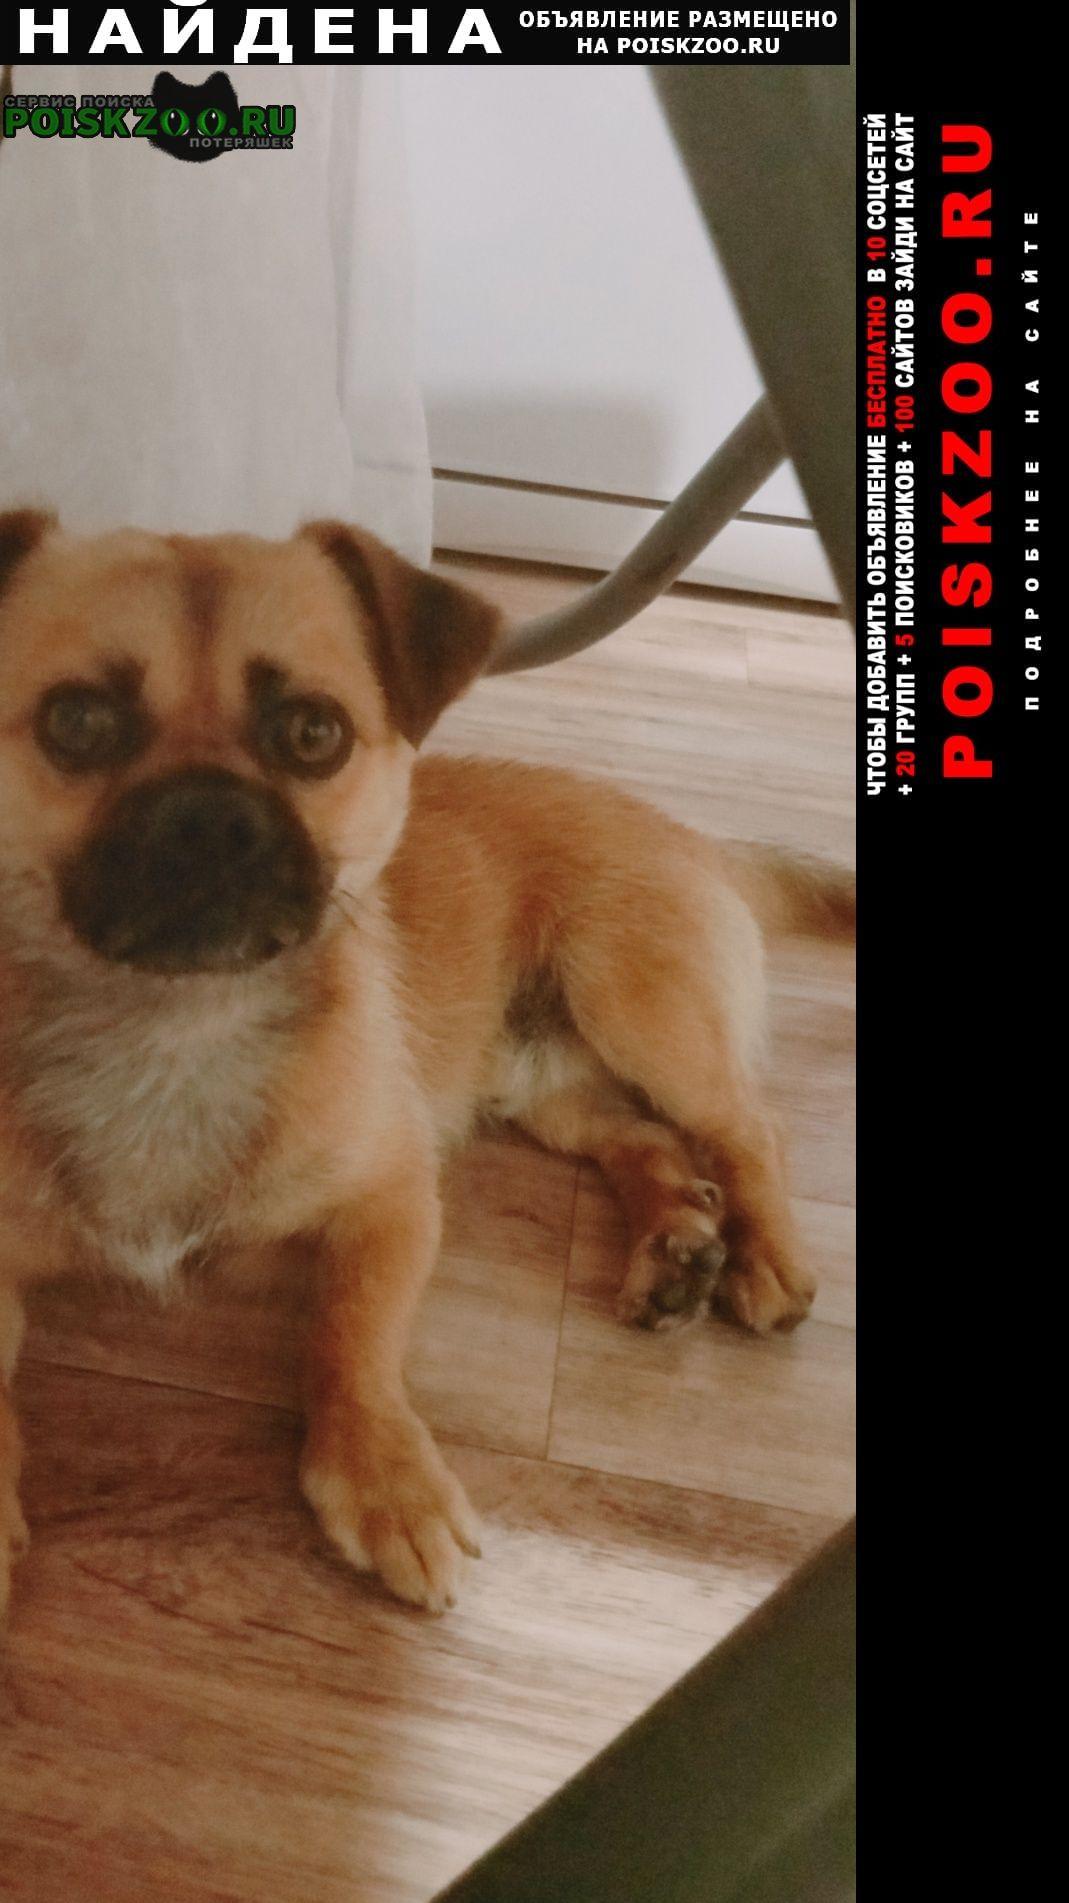 Найдена собака кобель недалеко от адмирала пустошкина Анапа